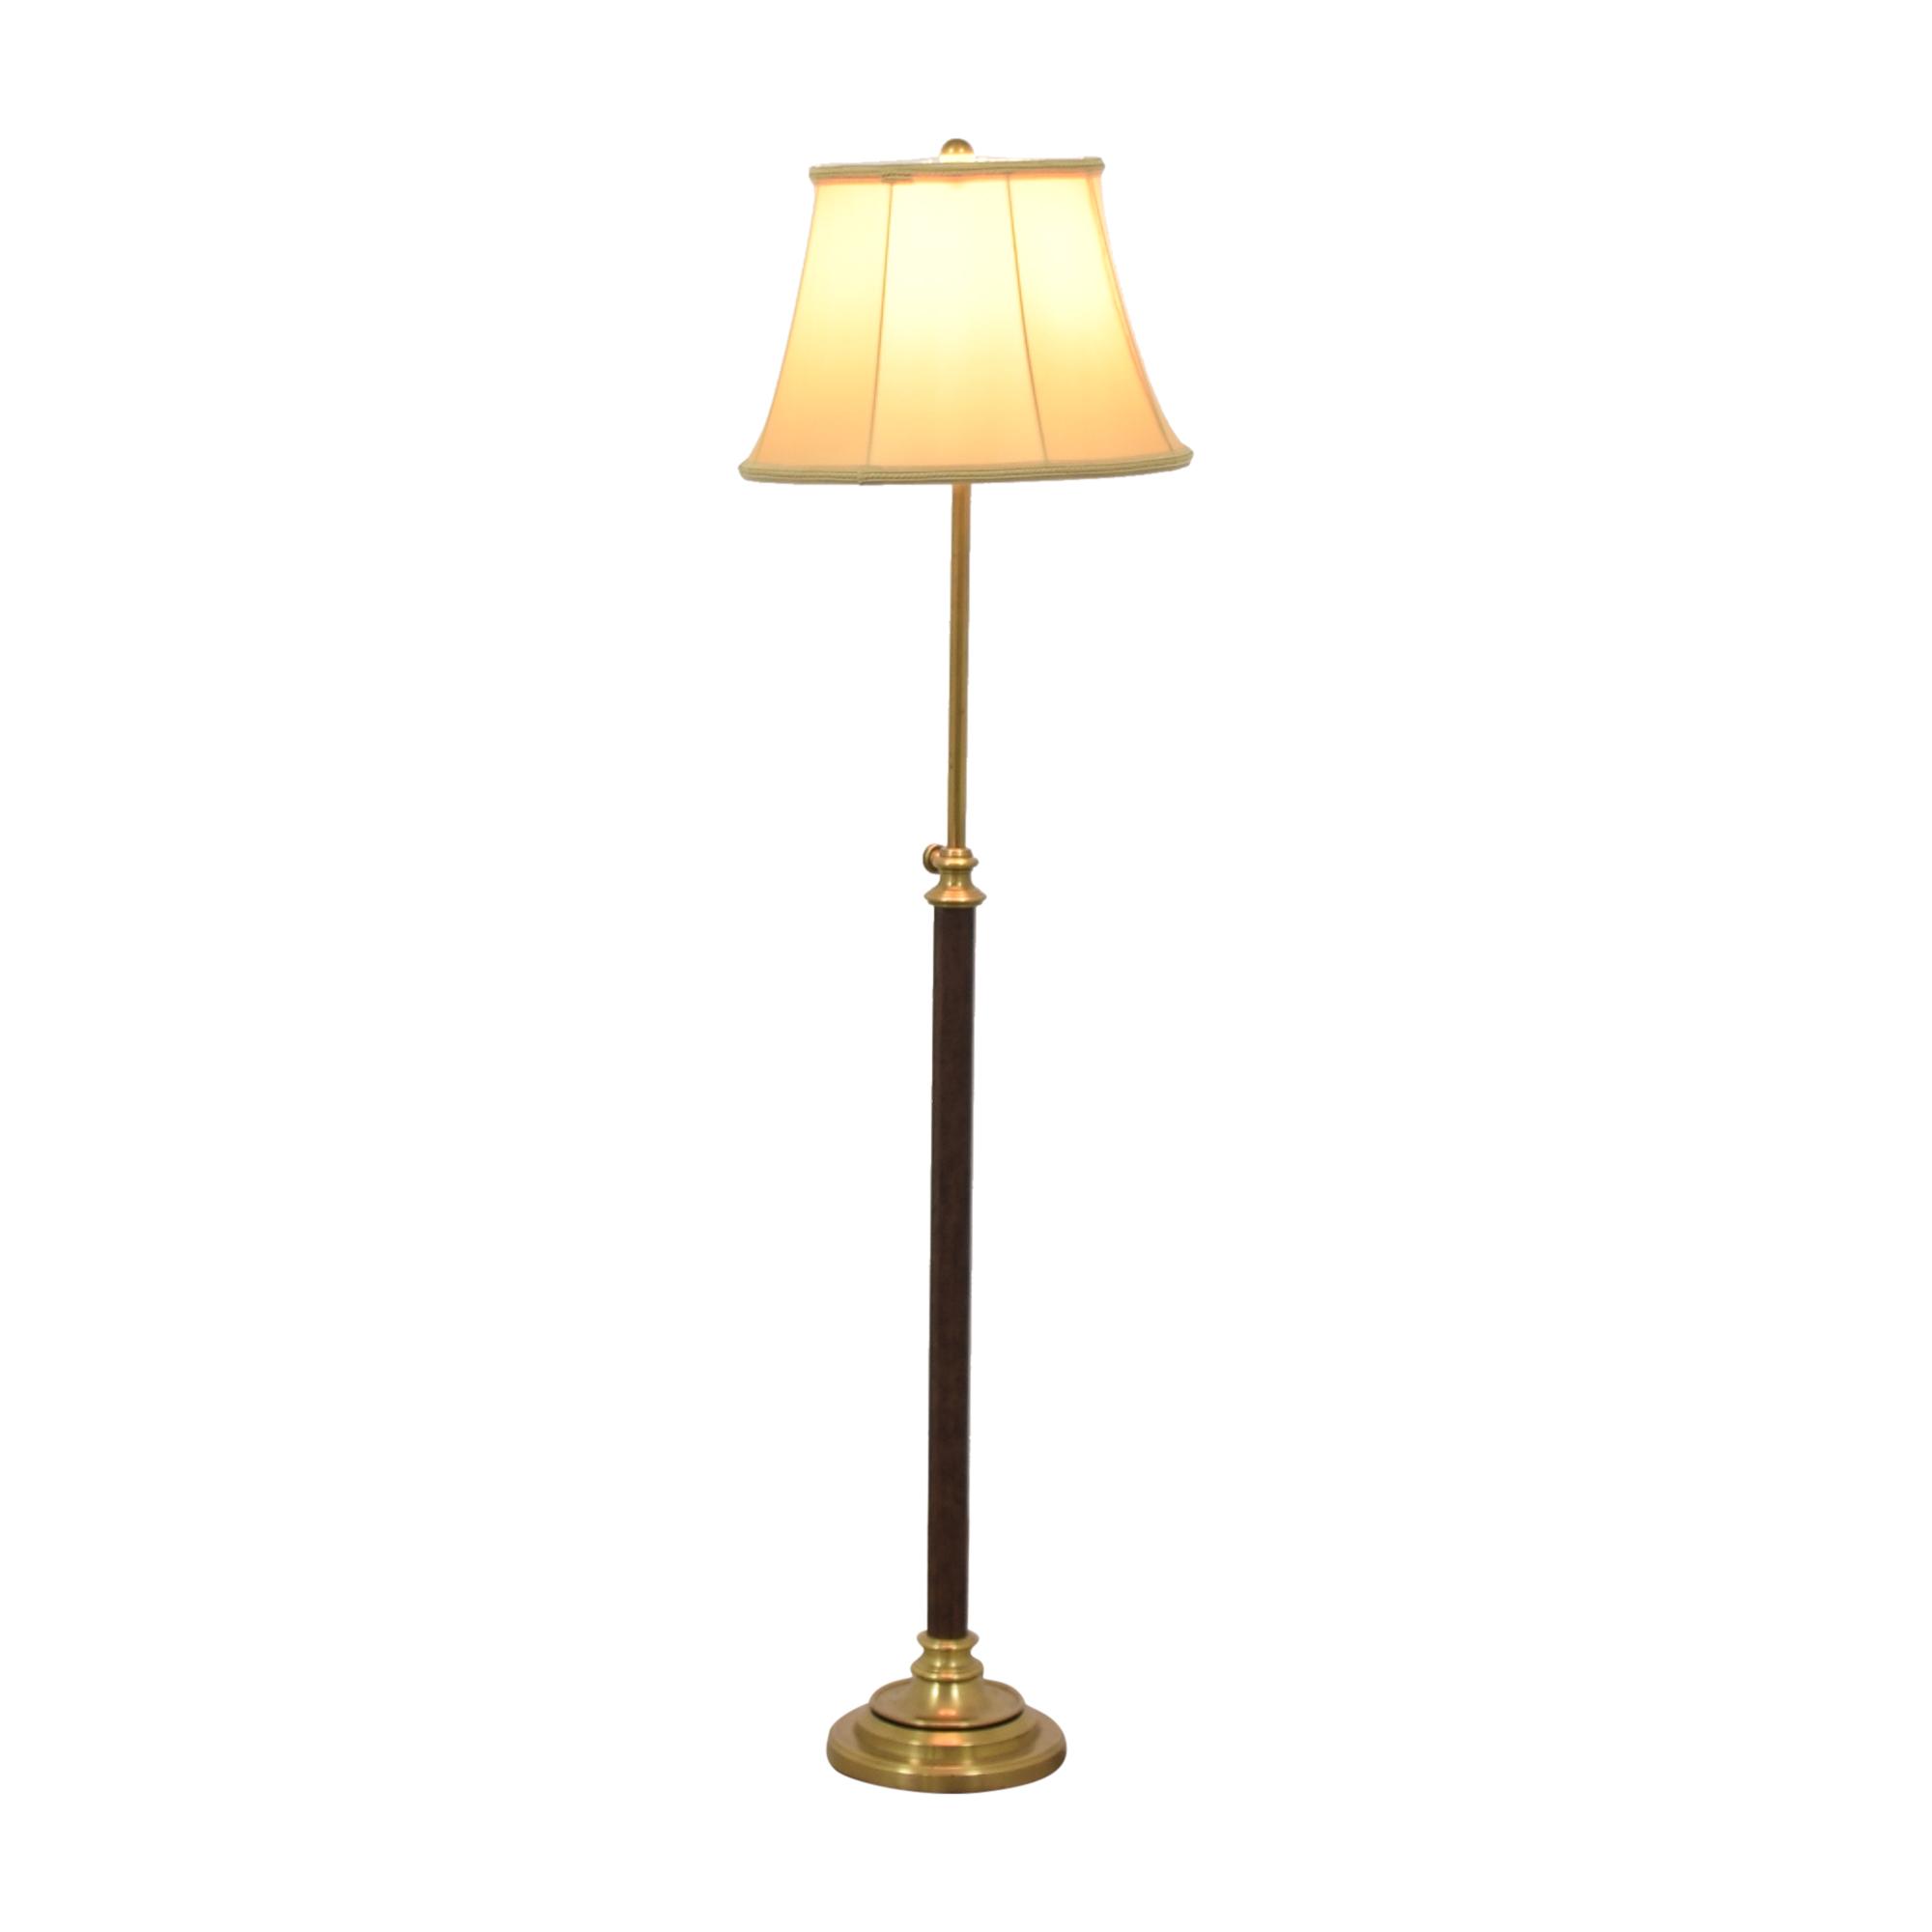 Ethan Allen Ethan Allen Floor Lamp nyc